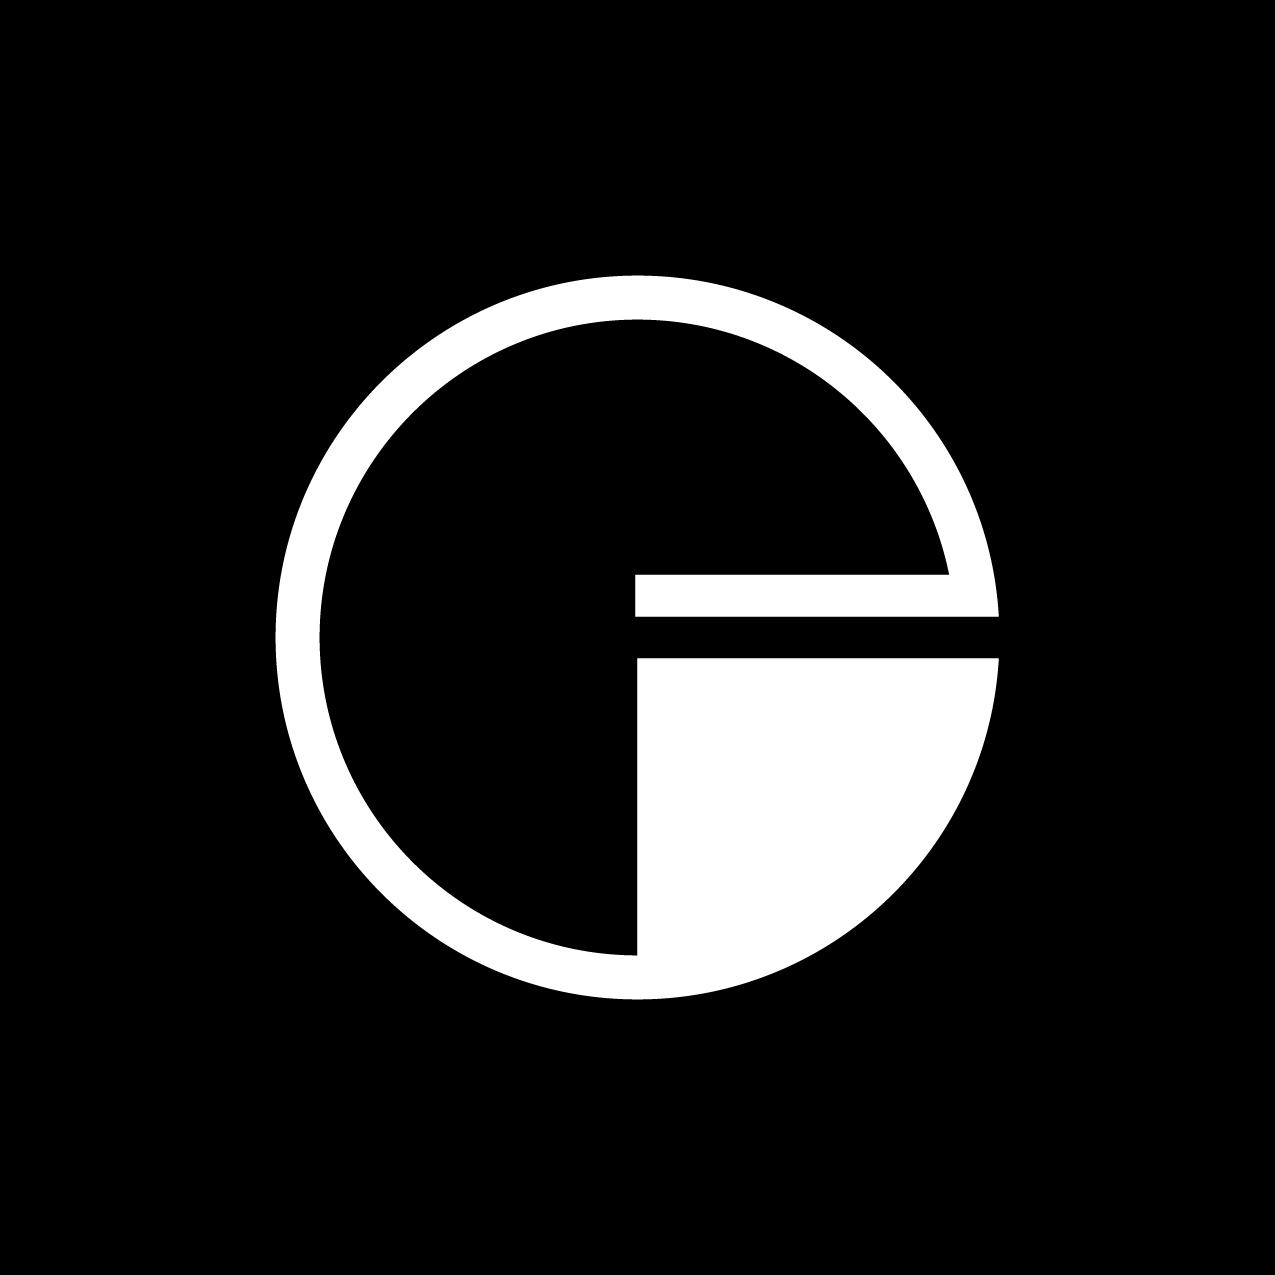 Letter E9 design by Furia